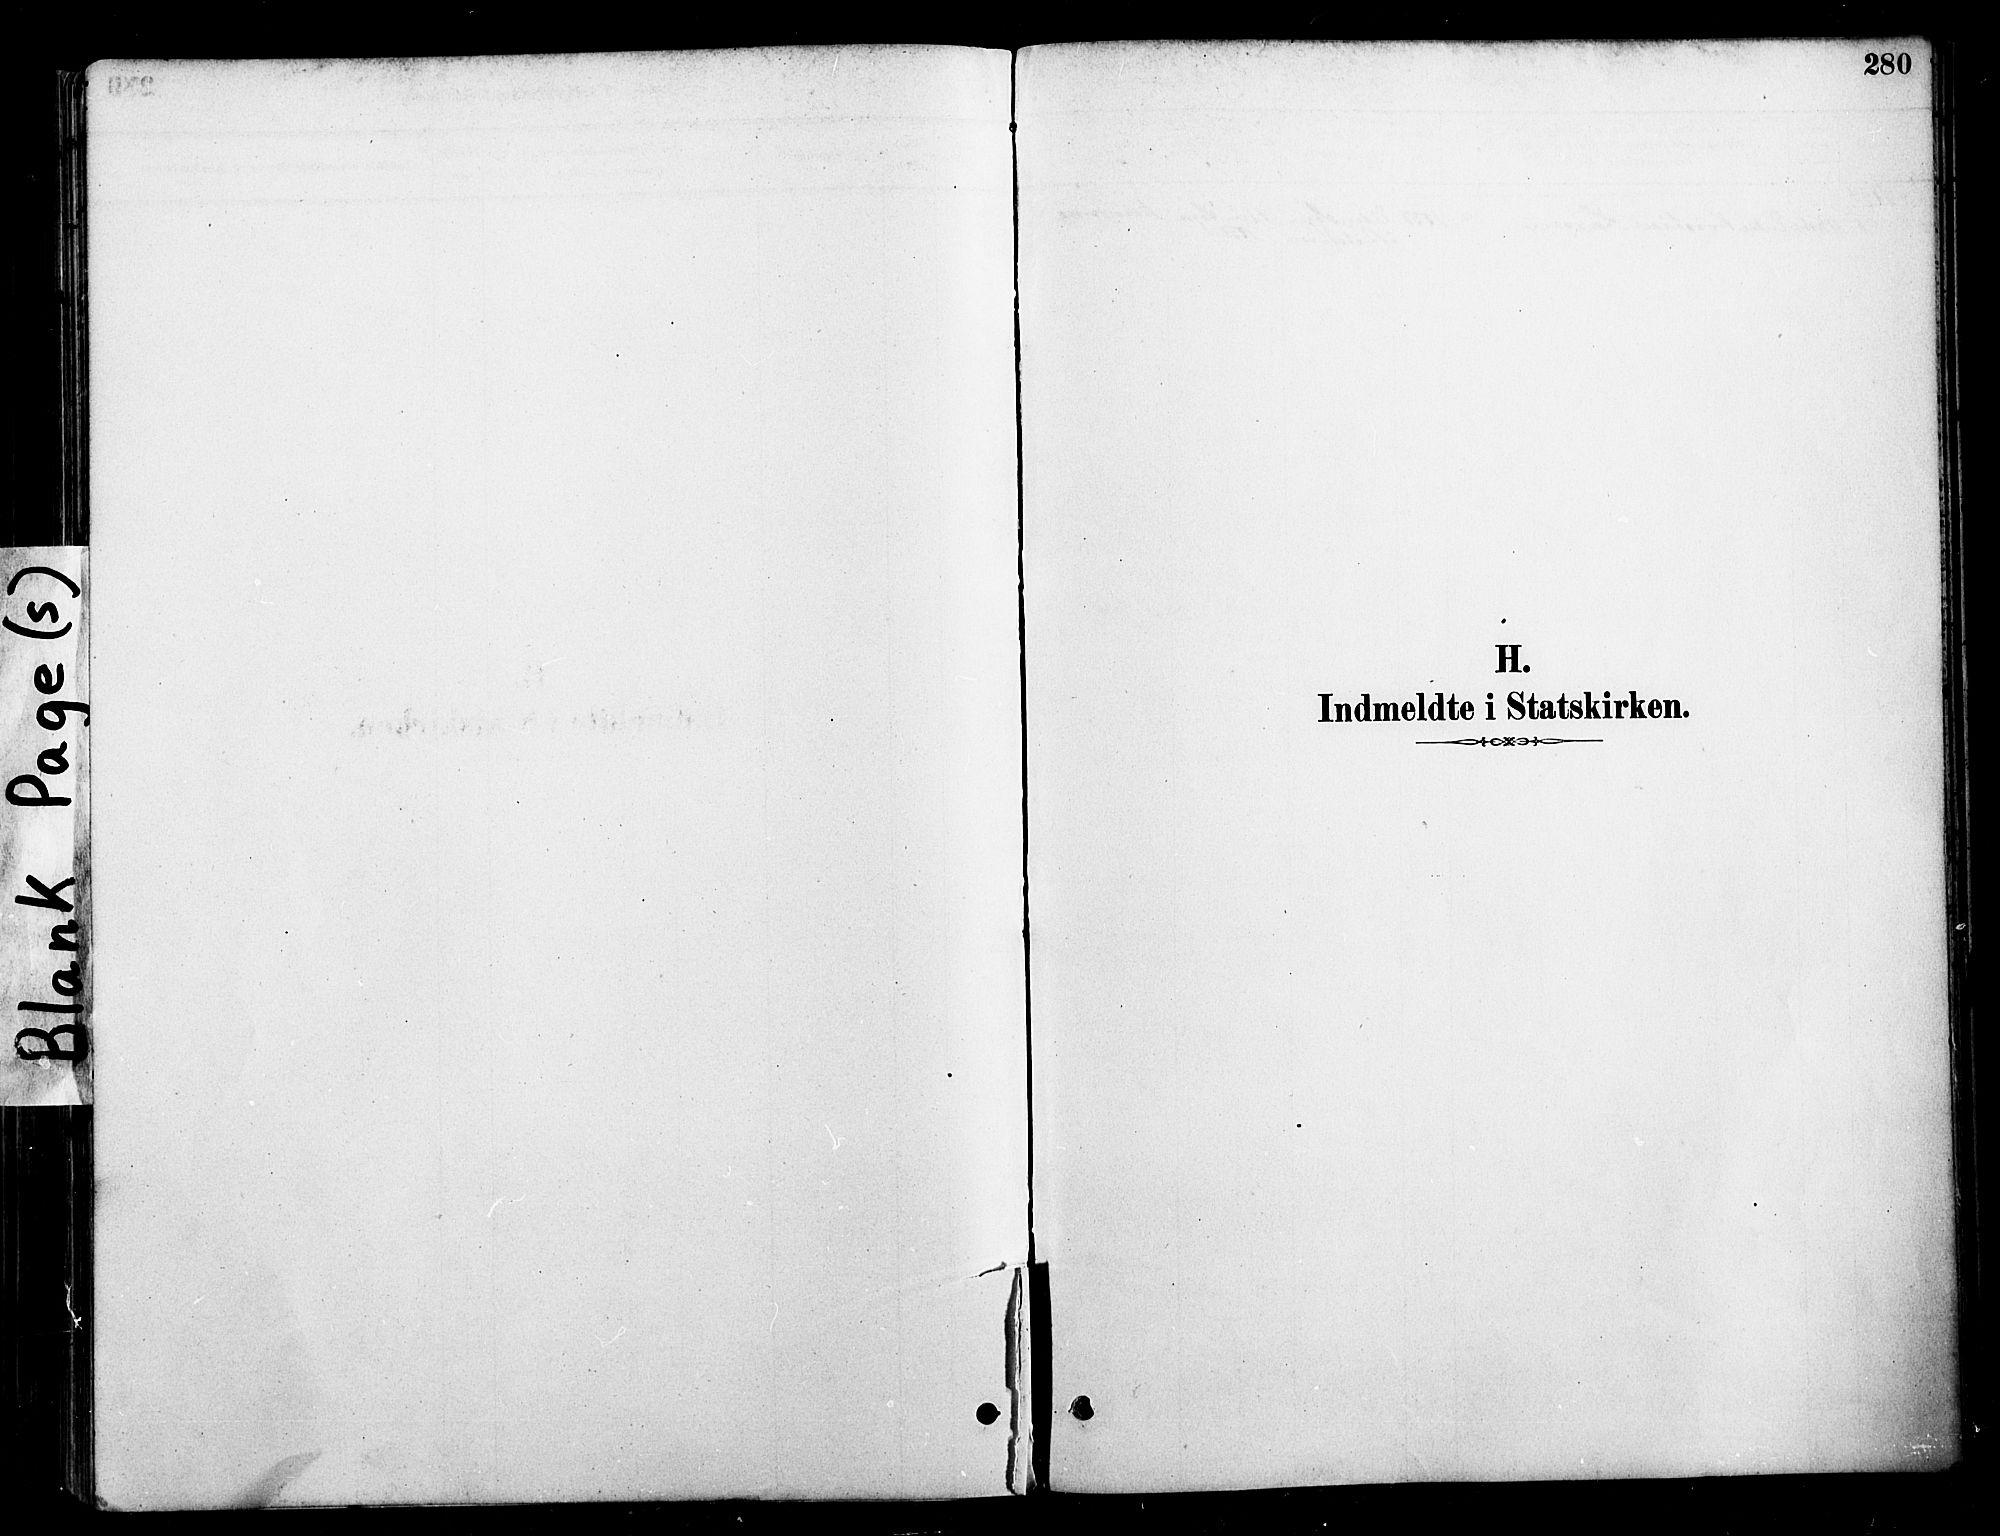 SAT, Ministerialprotokoller, klokkerbøker og fødselsregistre - Nord-Trøndelag, 709/L0077: Ministerialbok nr. 709A17, 1880-1895, s. 280